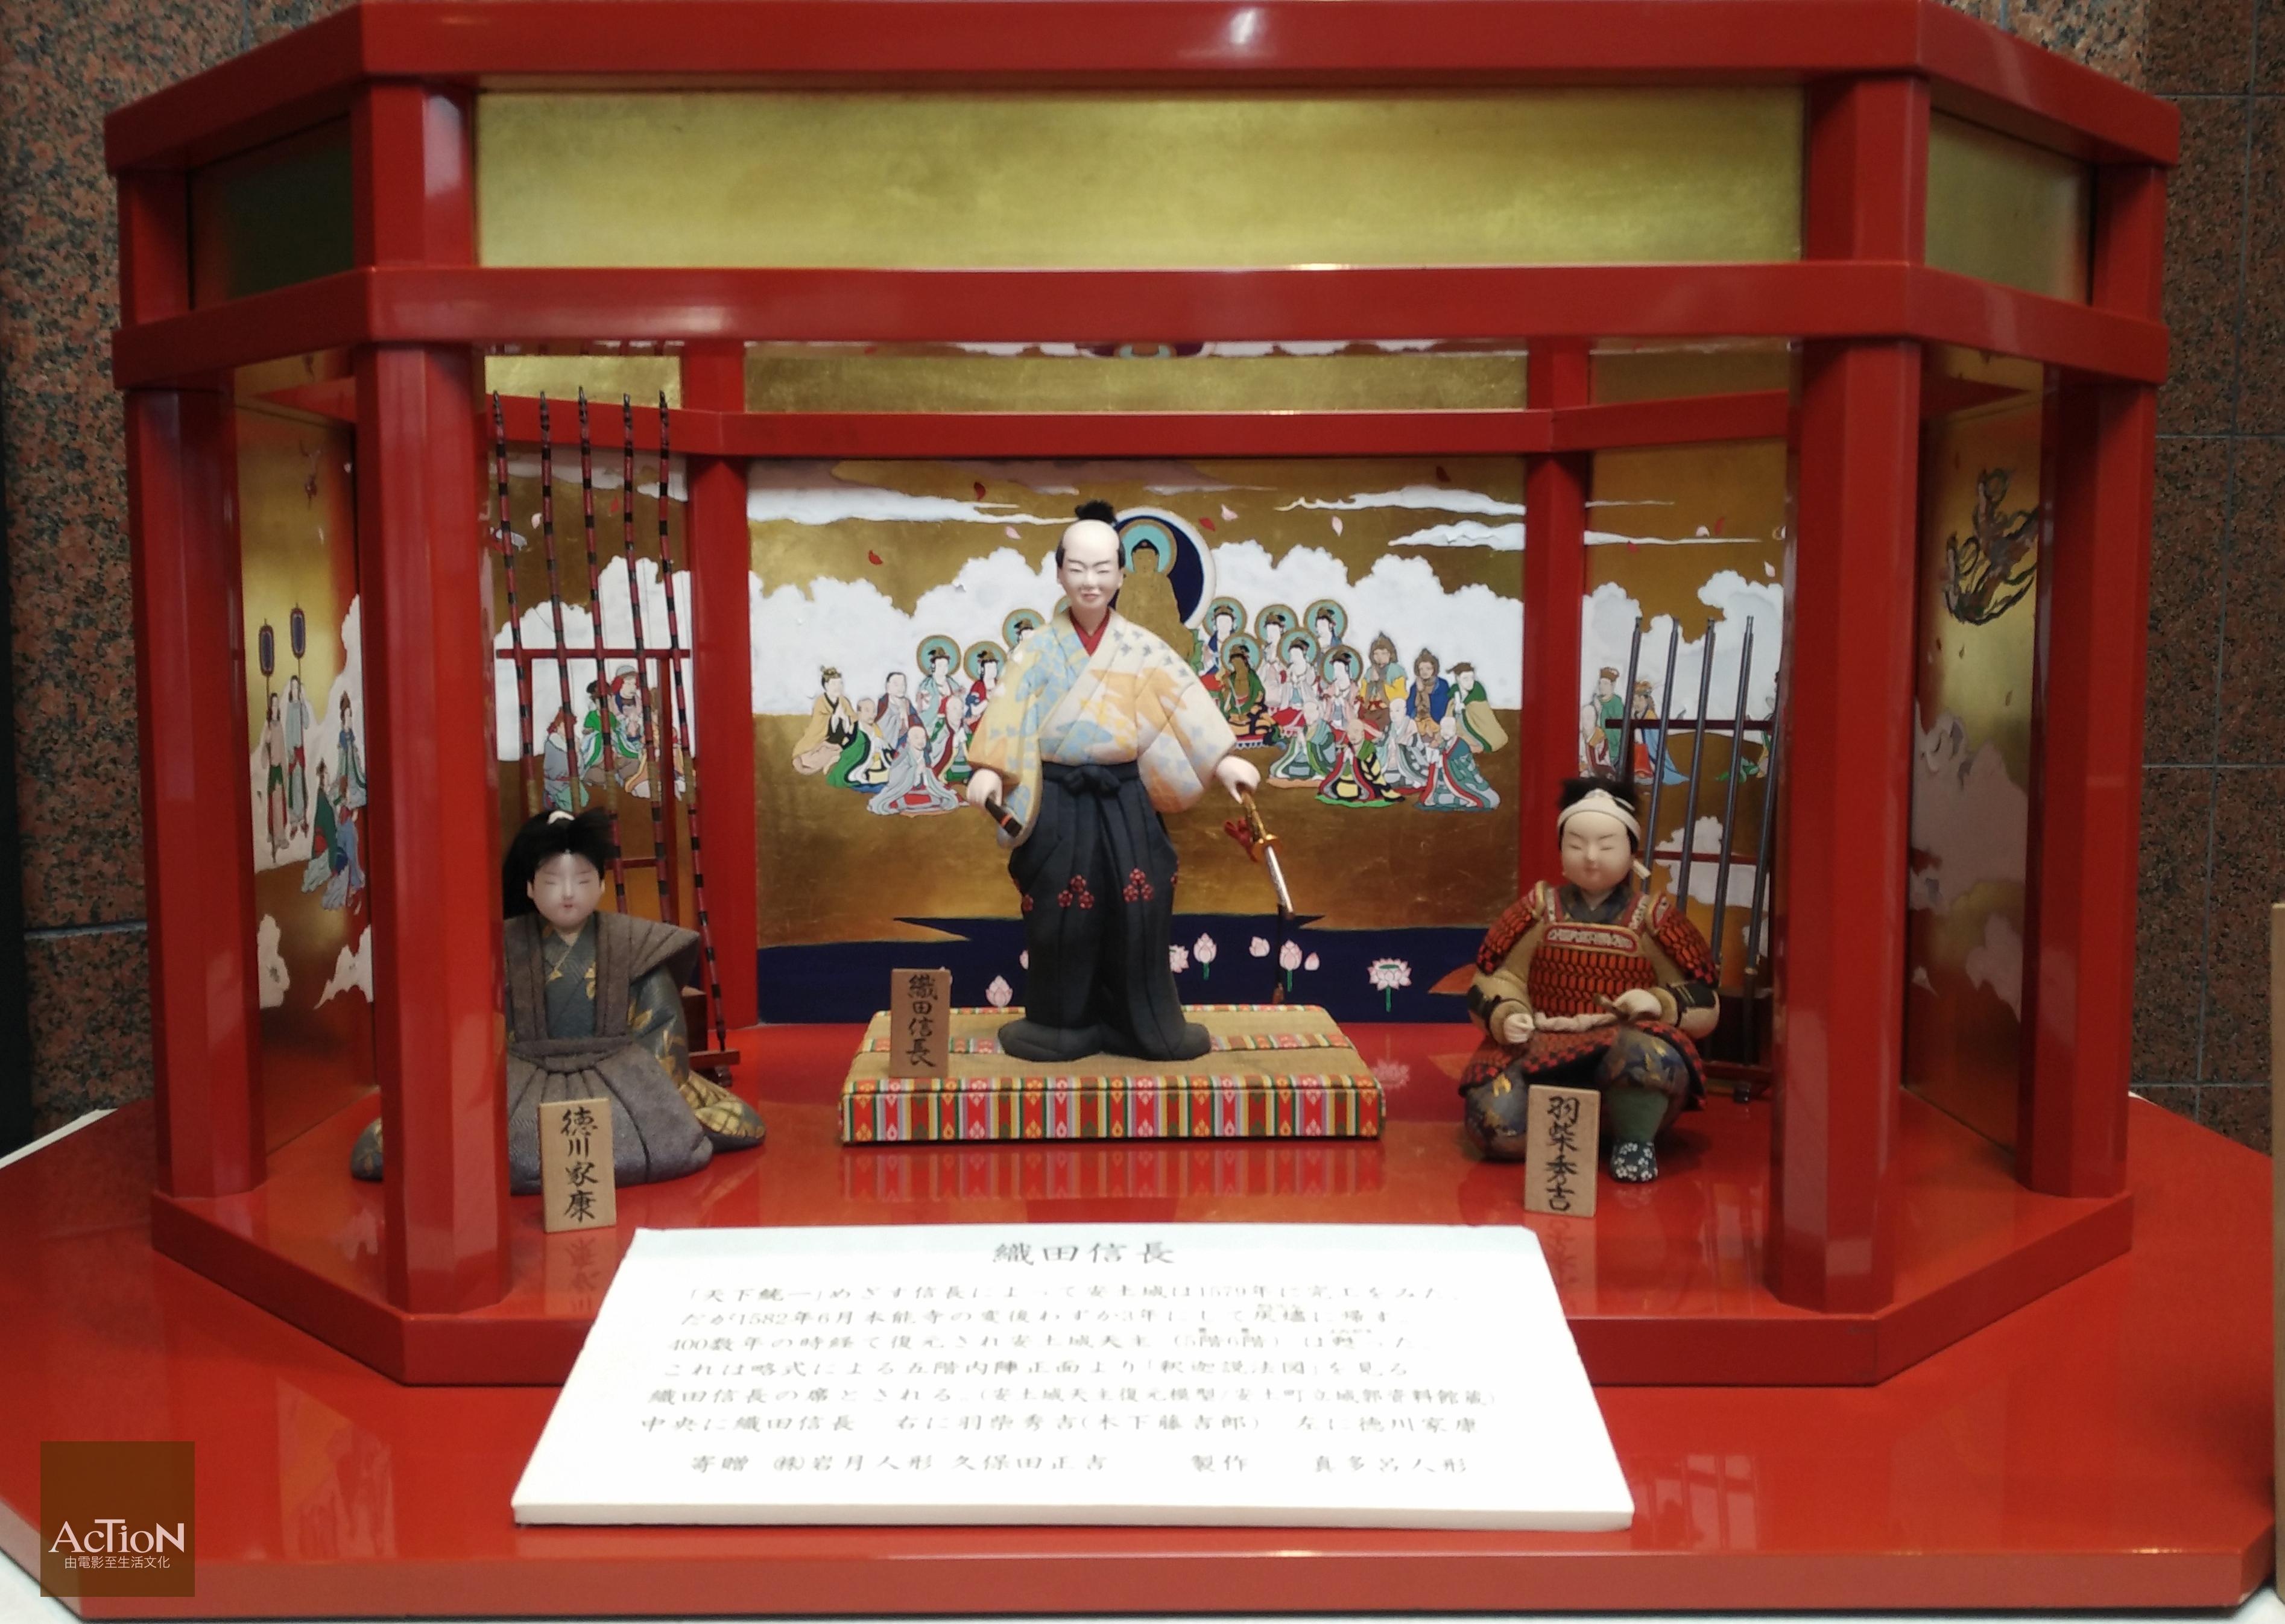 戰國三英傑,左起﹕德川家康、織田信長、羽柴秀吉 (即日後的豐臣秀吉) 日本歷史上一直有個說法,織田信長搓麵粉,豐臣秀吉做餅,德川家康吃餅,這個說法的寓意是信長和秀吉奠下了日本統一的基礎,而家康在這個基礎上,成功統一日本,開創德川幕府,統治日本二百六幾年。其實如果沒有本能寺之變,最後的食餅人很可能就是織田信長了而非德川家康了。